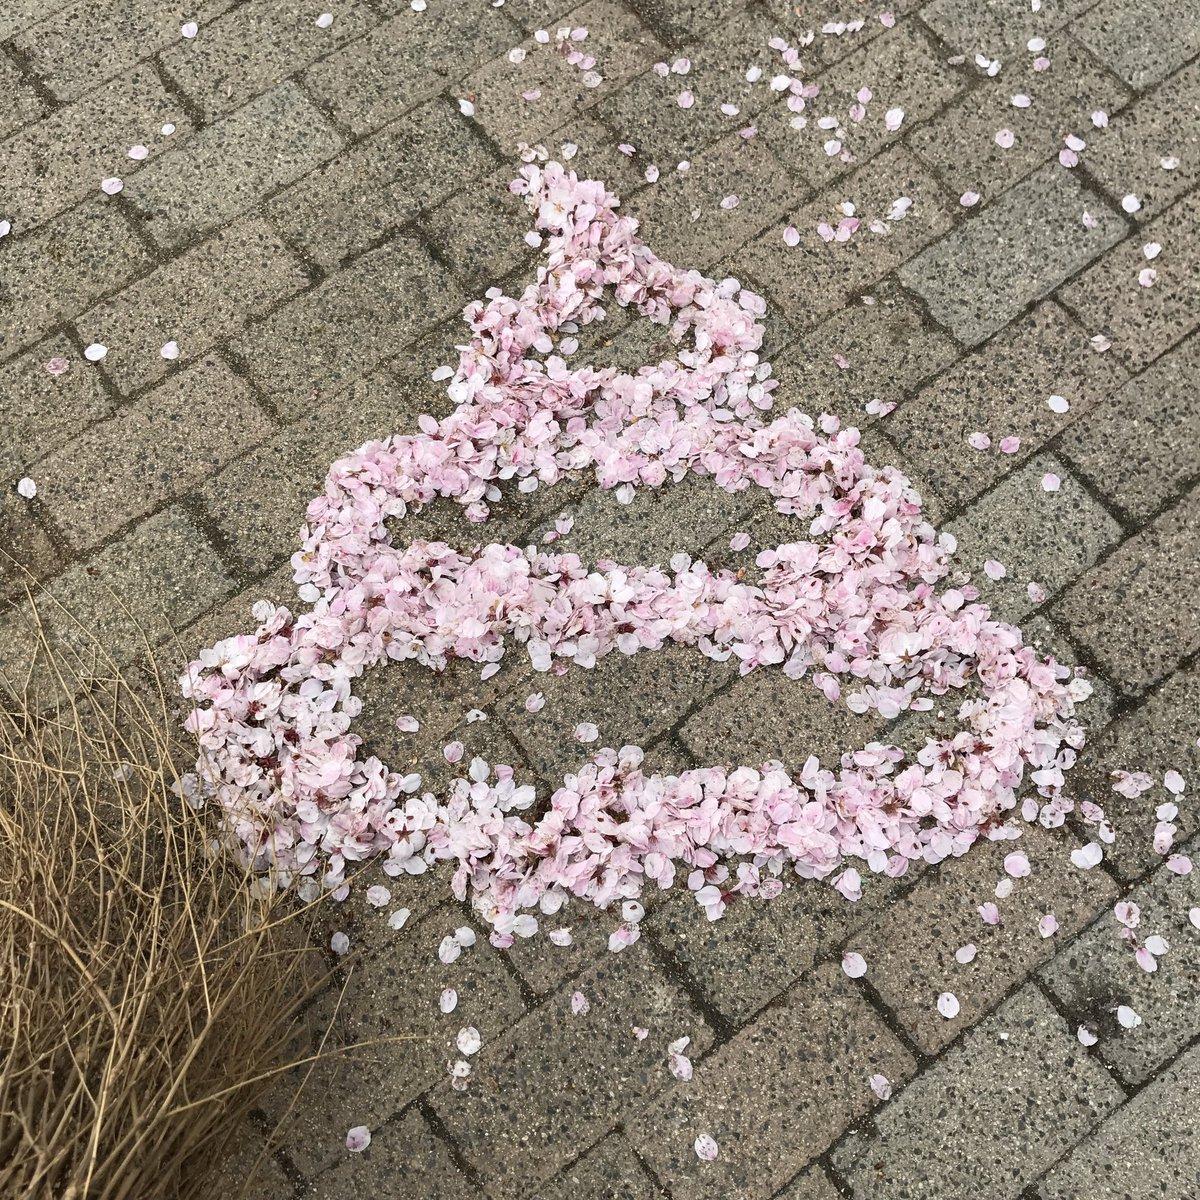 すごい!みて!これで春夏秋冬うんこ揃ったよ! https://t.co/tQft...